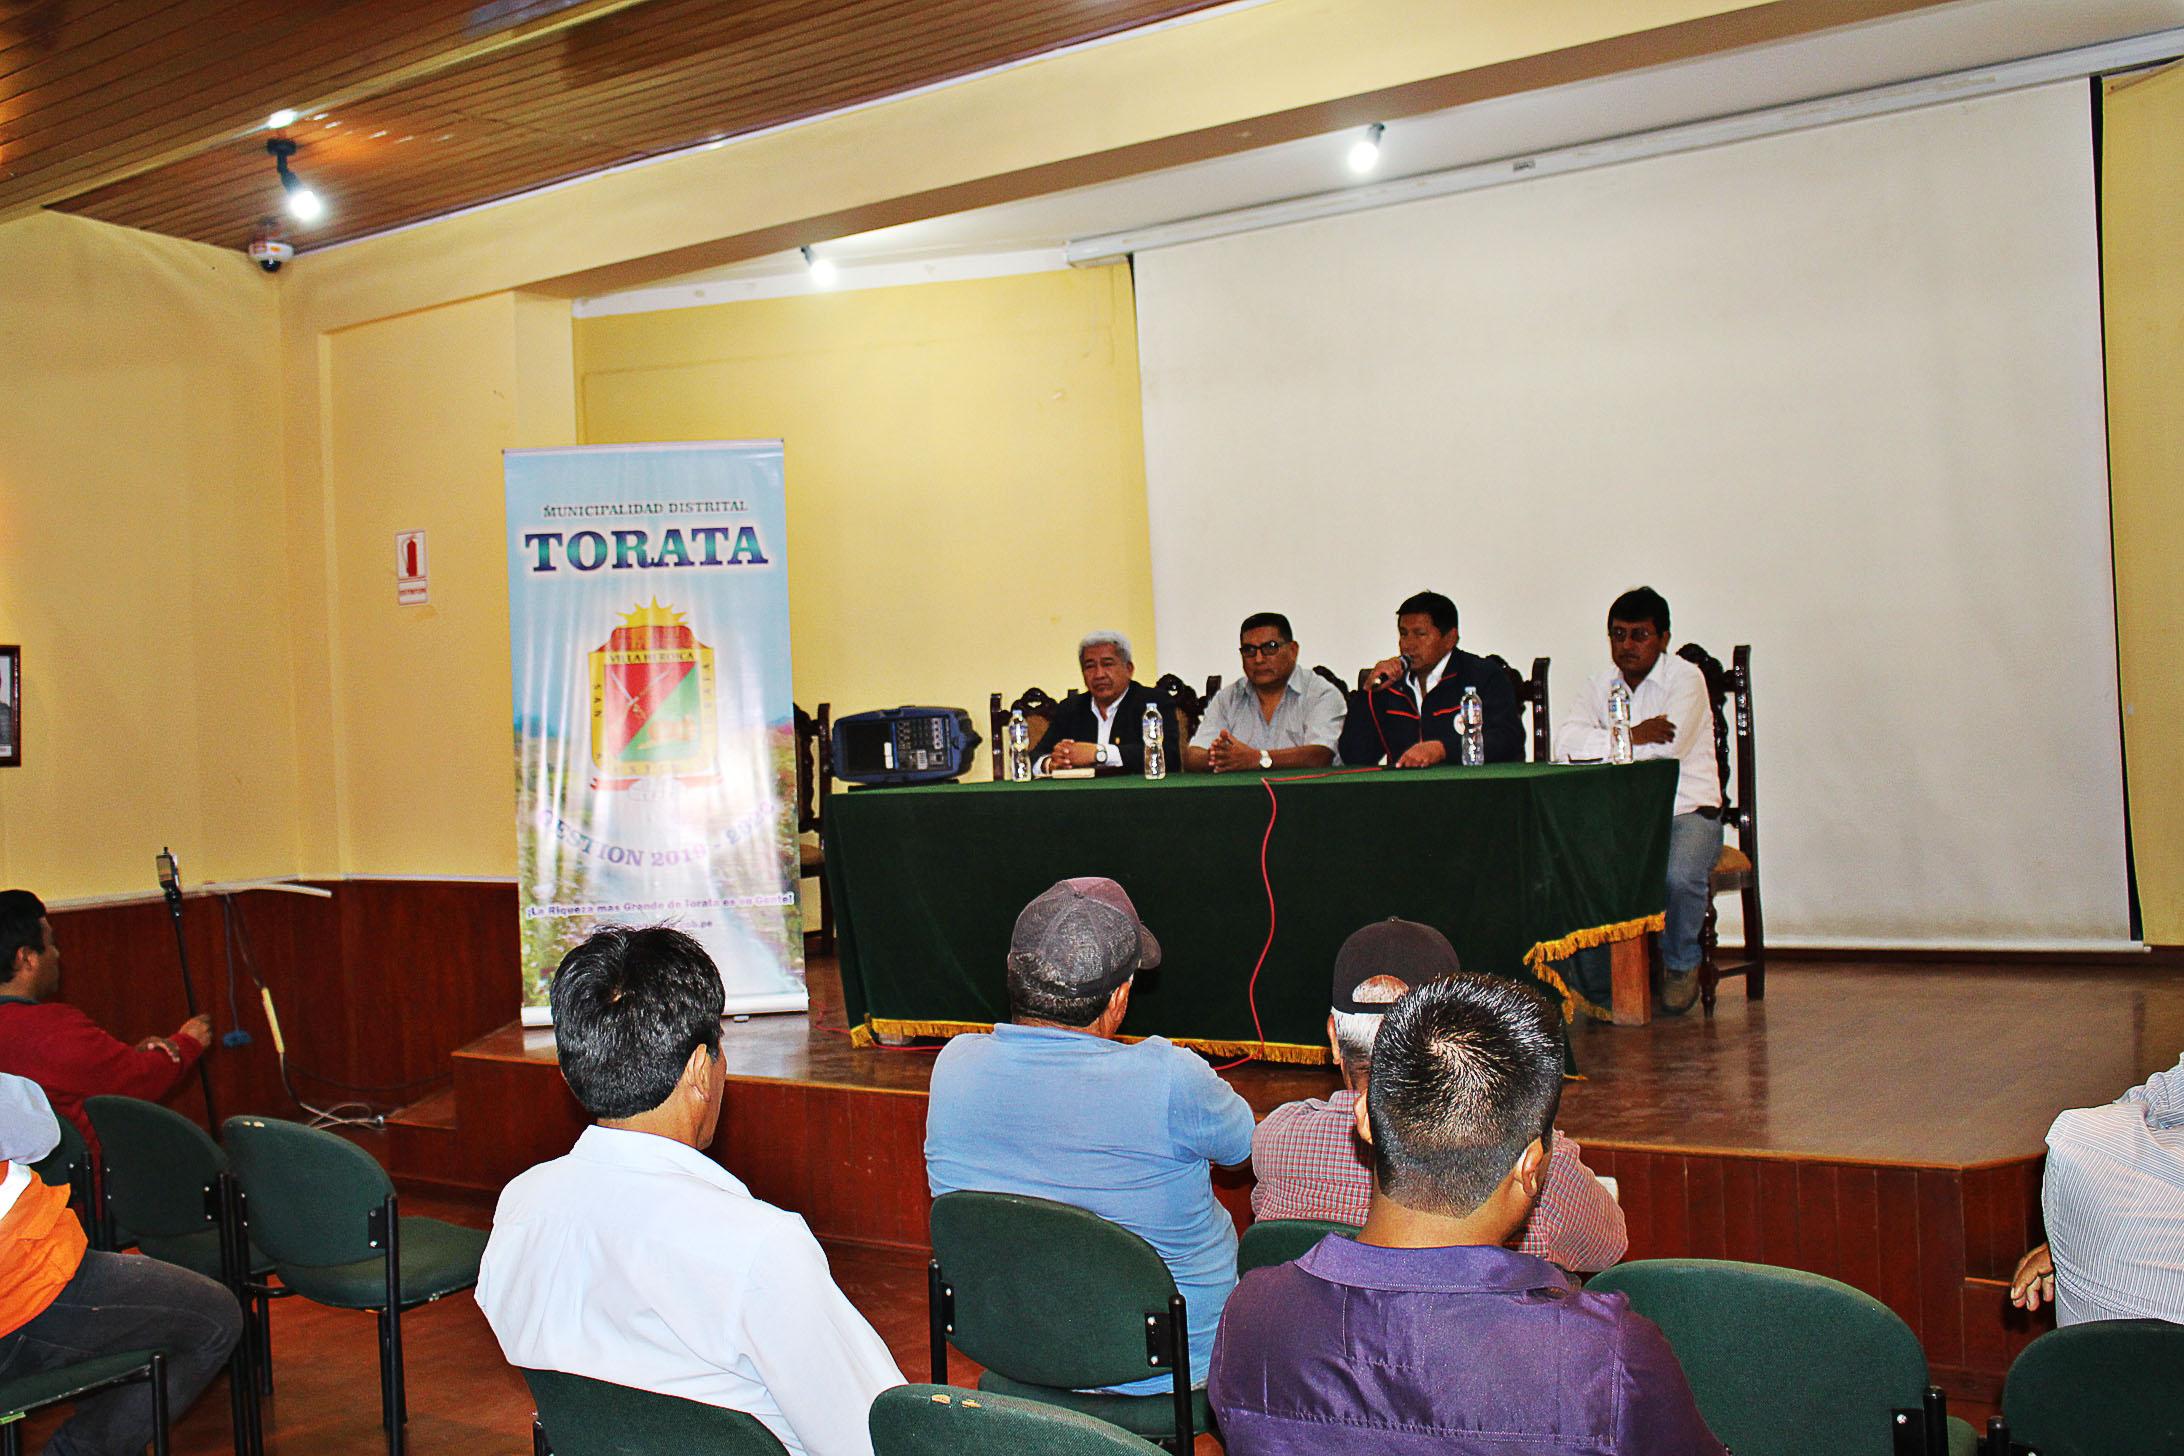 CONGRESISTA FIDEL MANTILLA MEDINA LLEGA A TORATA PARA ATENDER DE CERCA LOS CASOS DE CONTAMINACIÓN EN EL DISTRITO